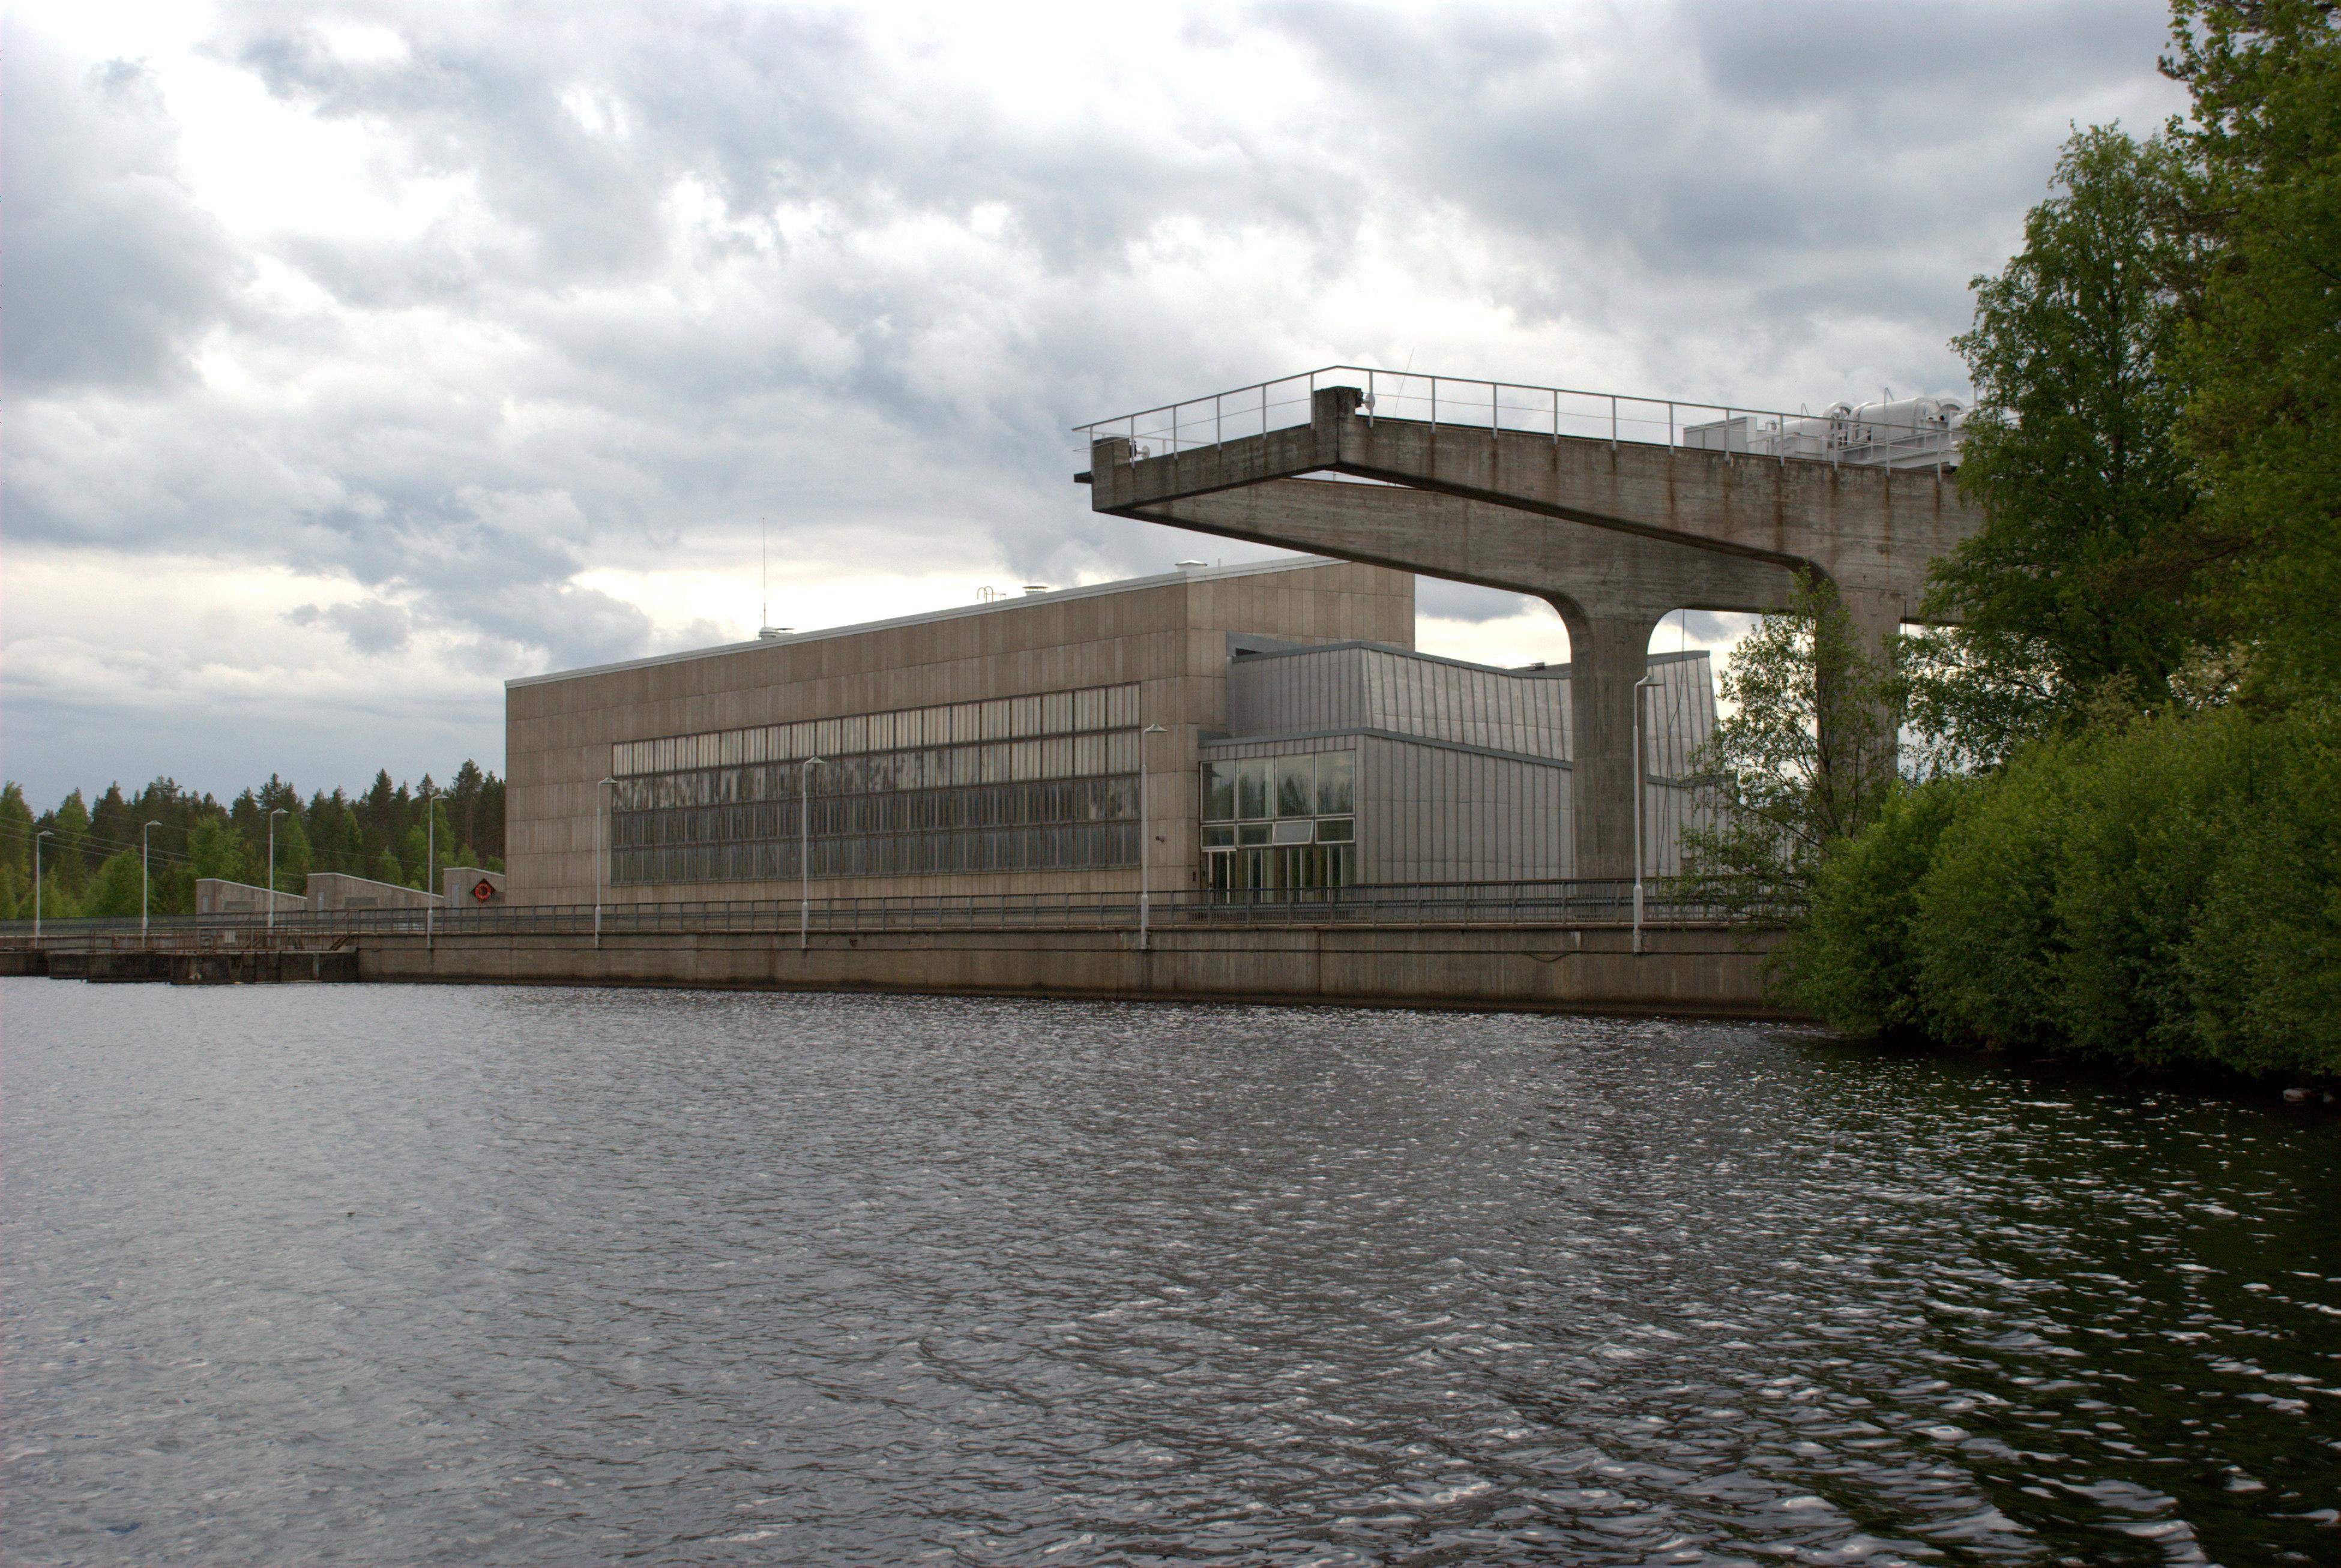 Nuojua hydro power plant